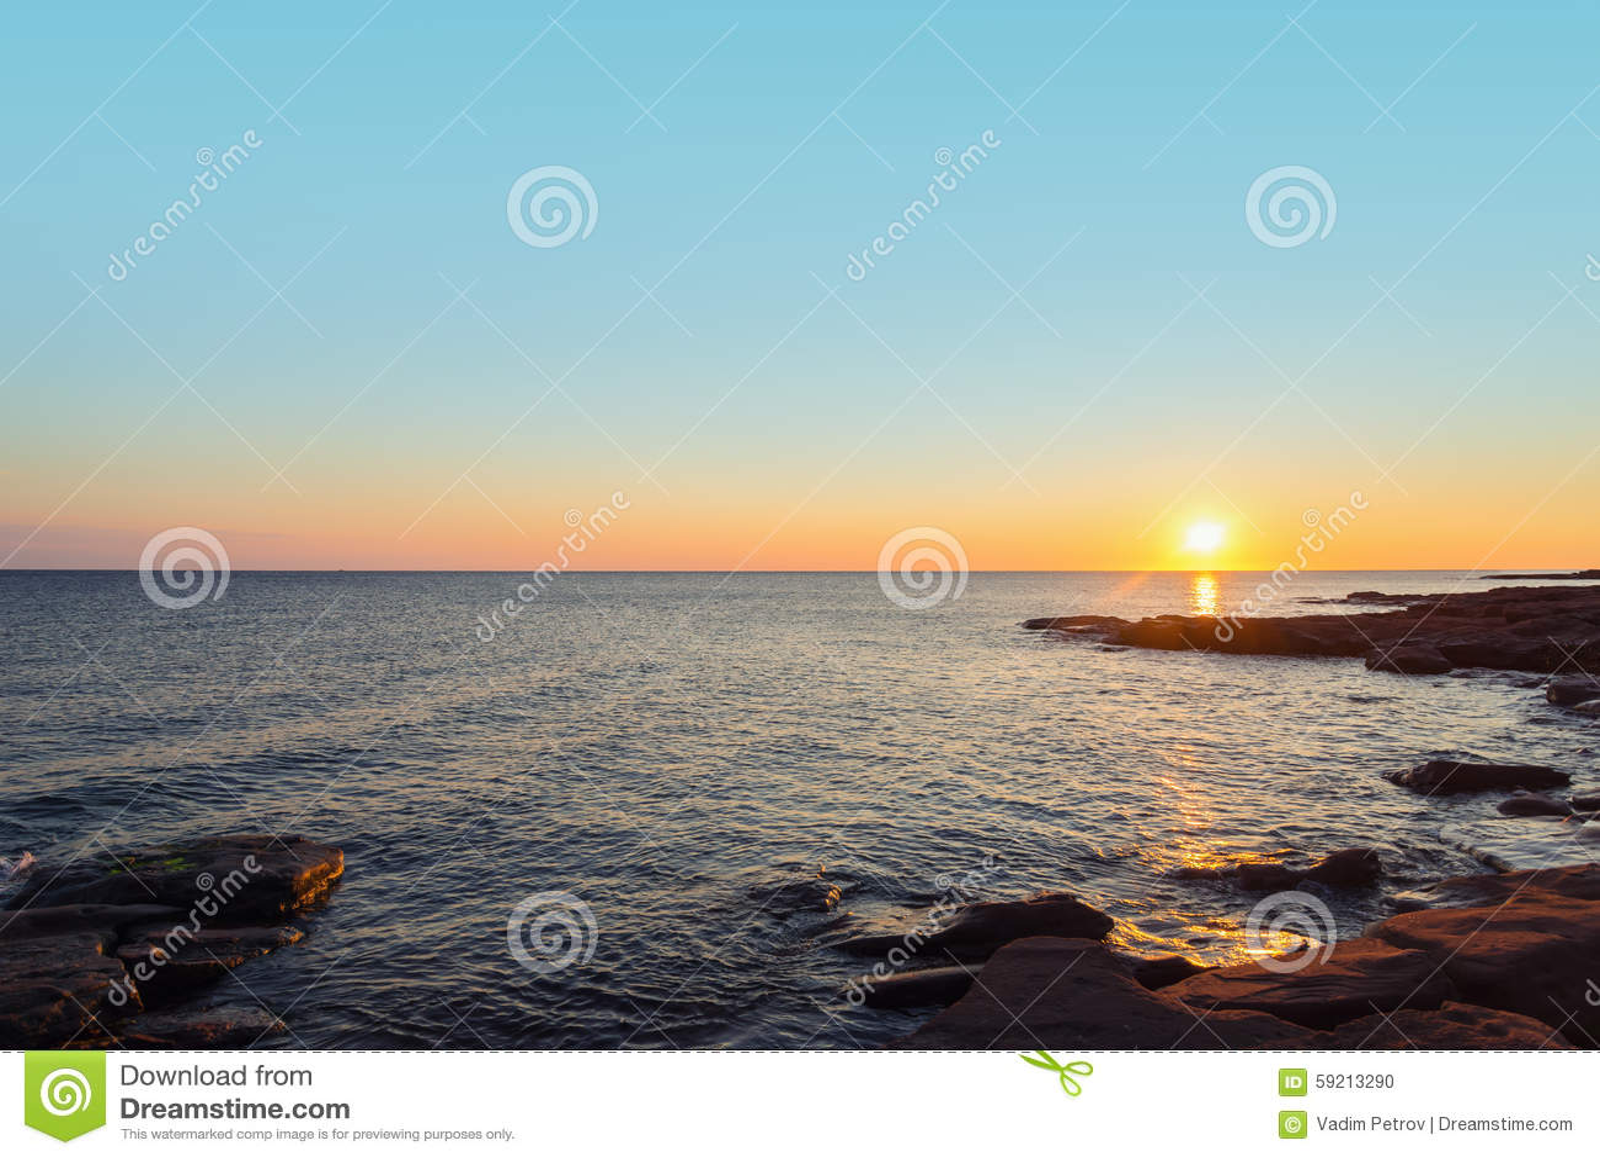 海洋海滩早晨图片